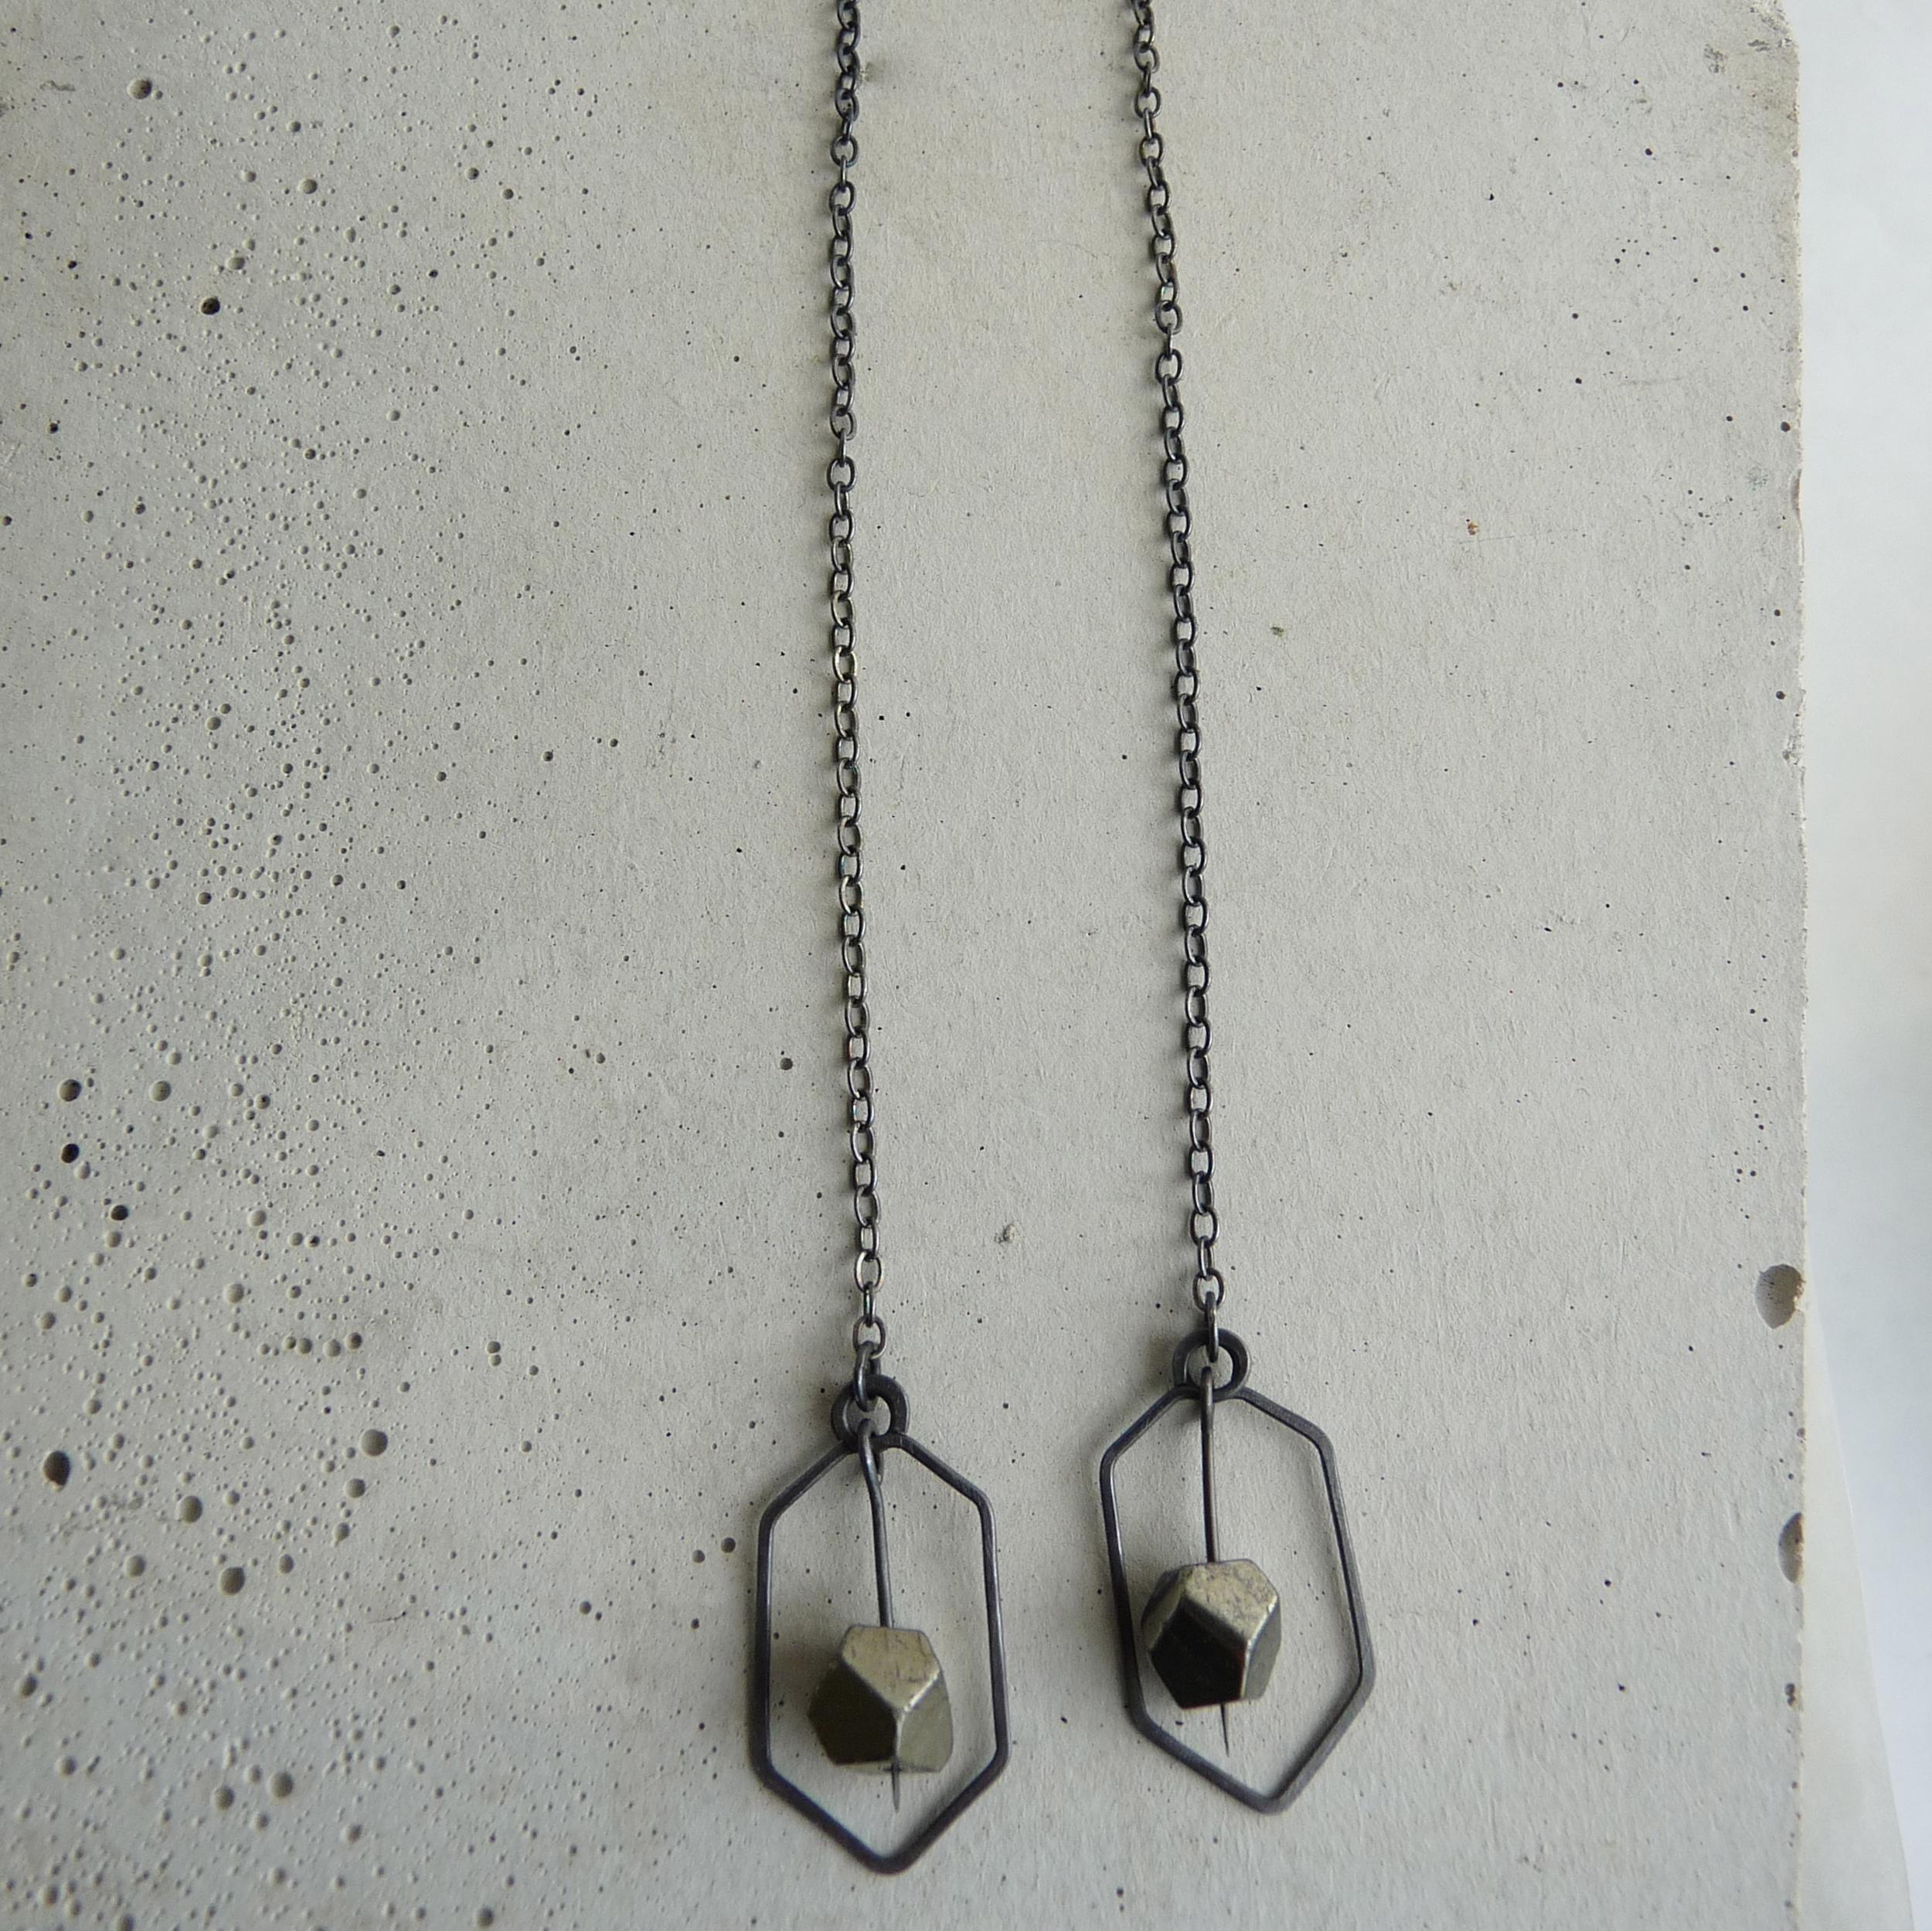 CLEMENT earrings